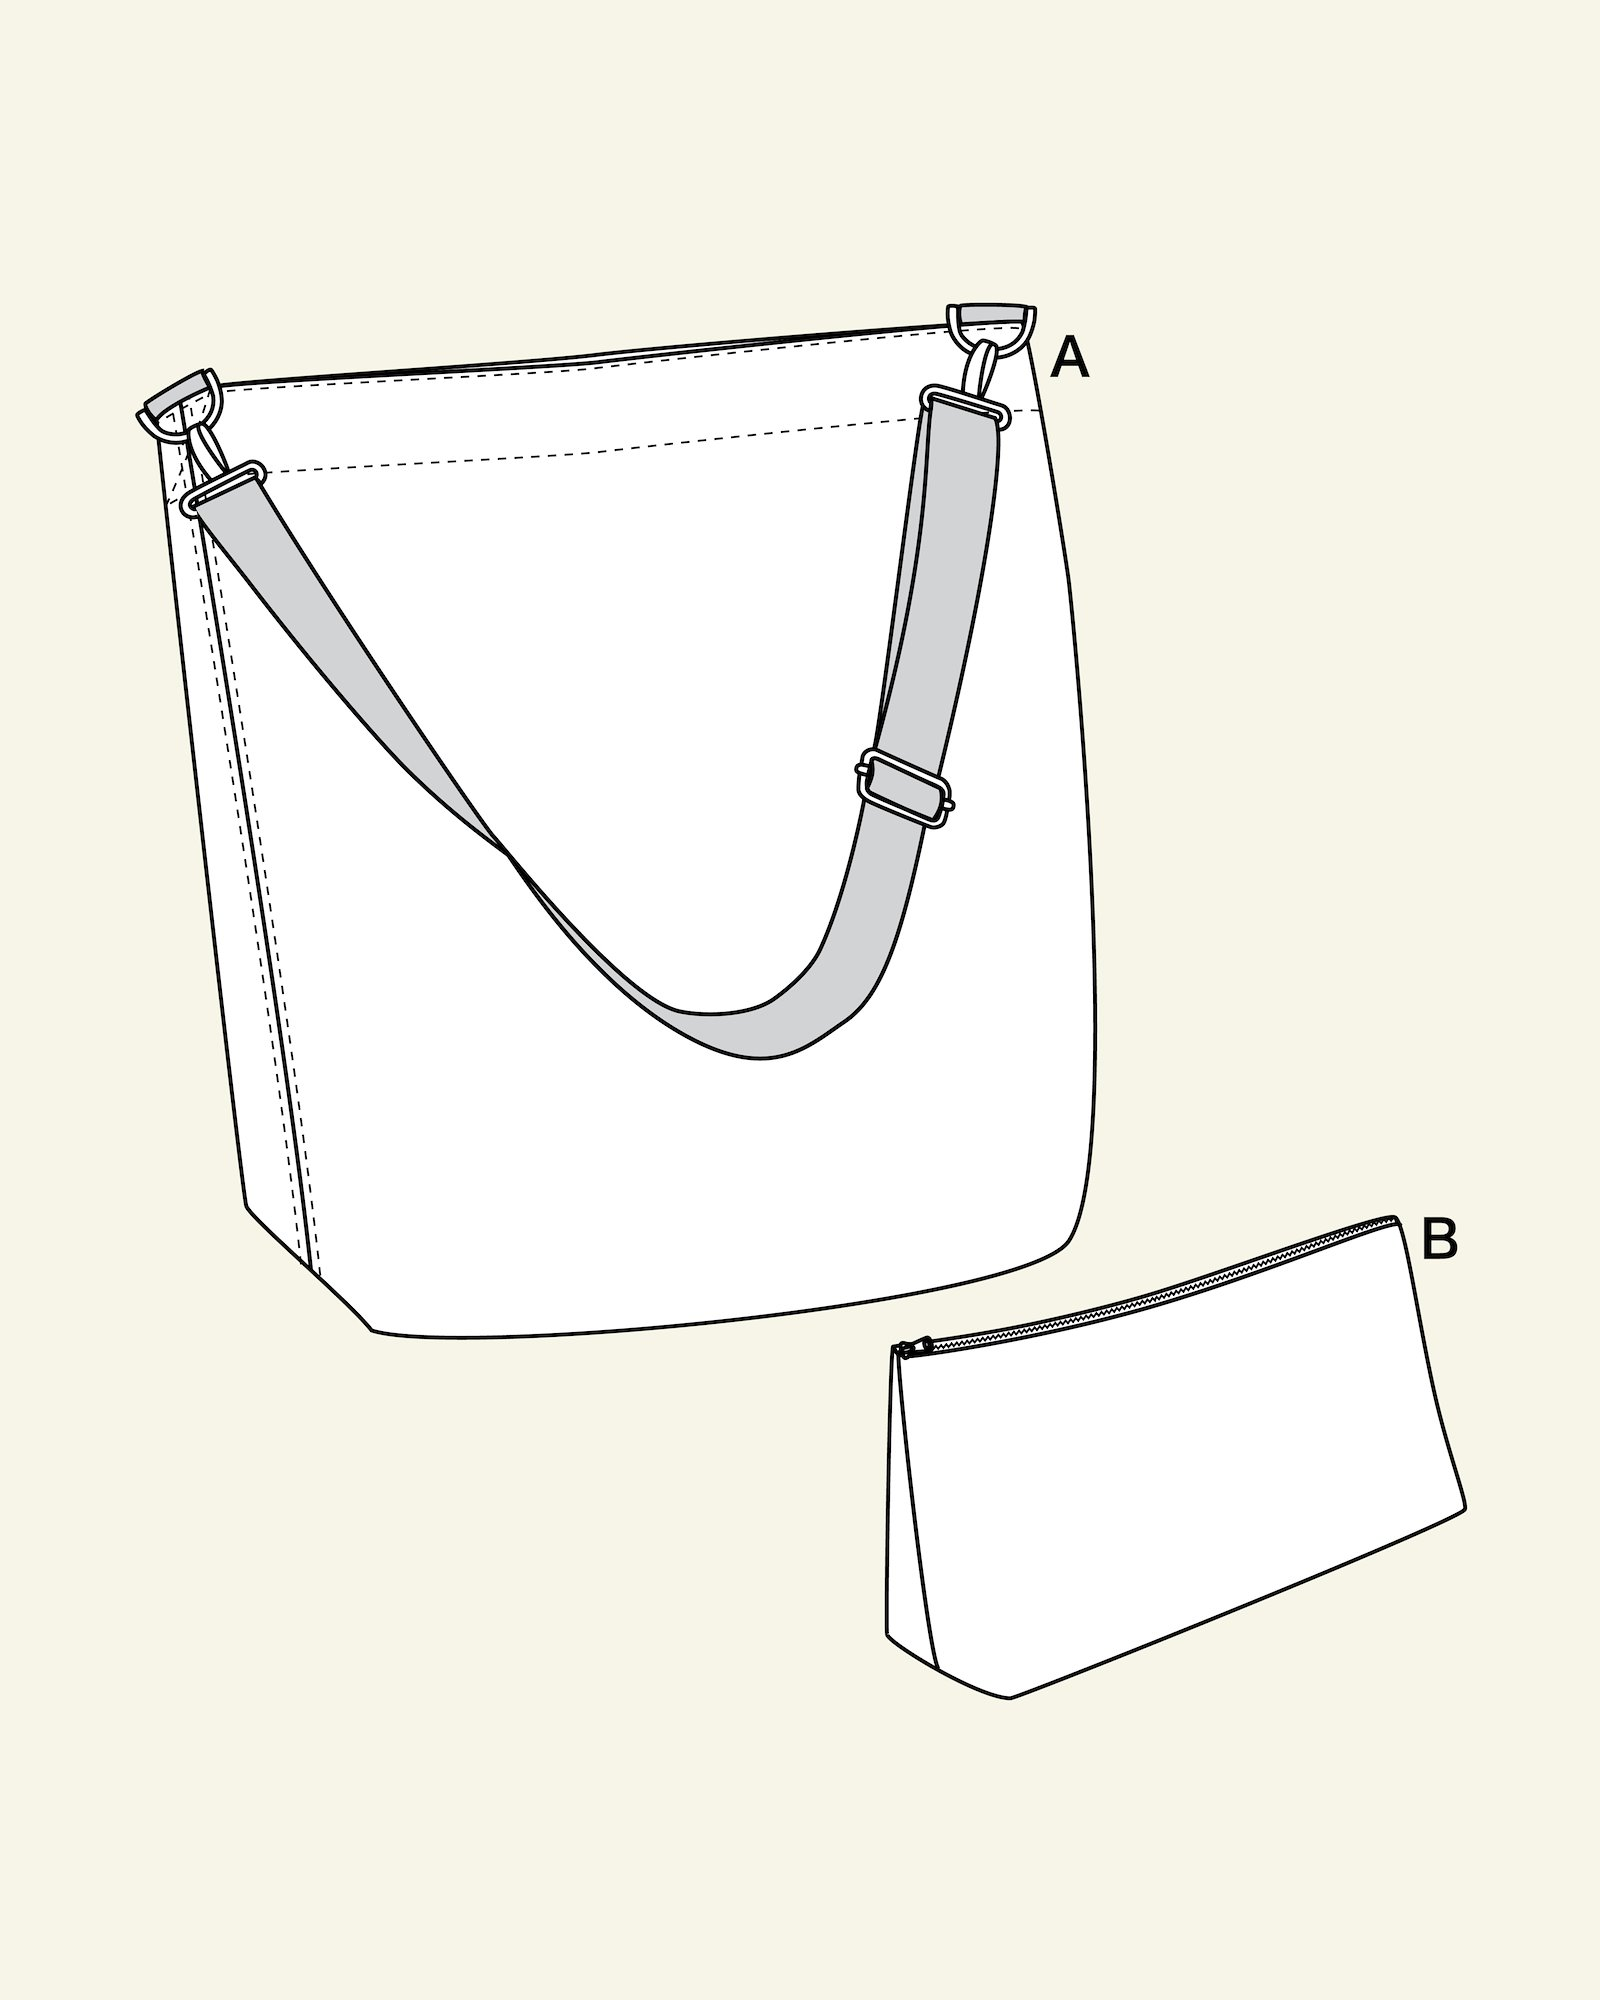 Bag and toiletry bag